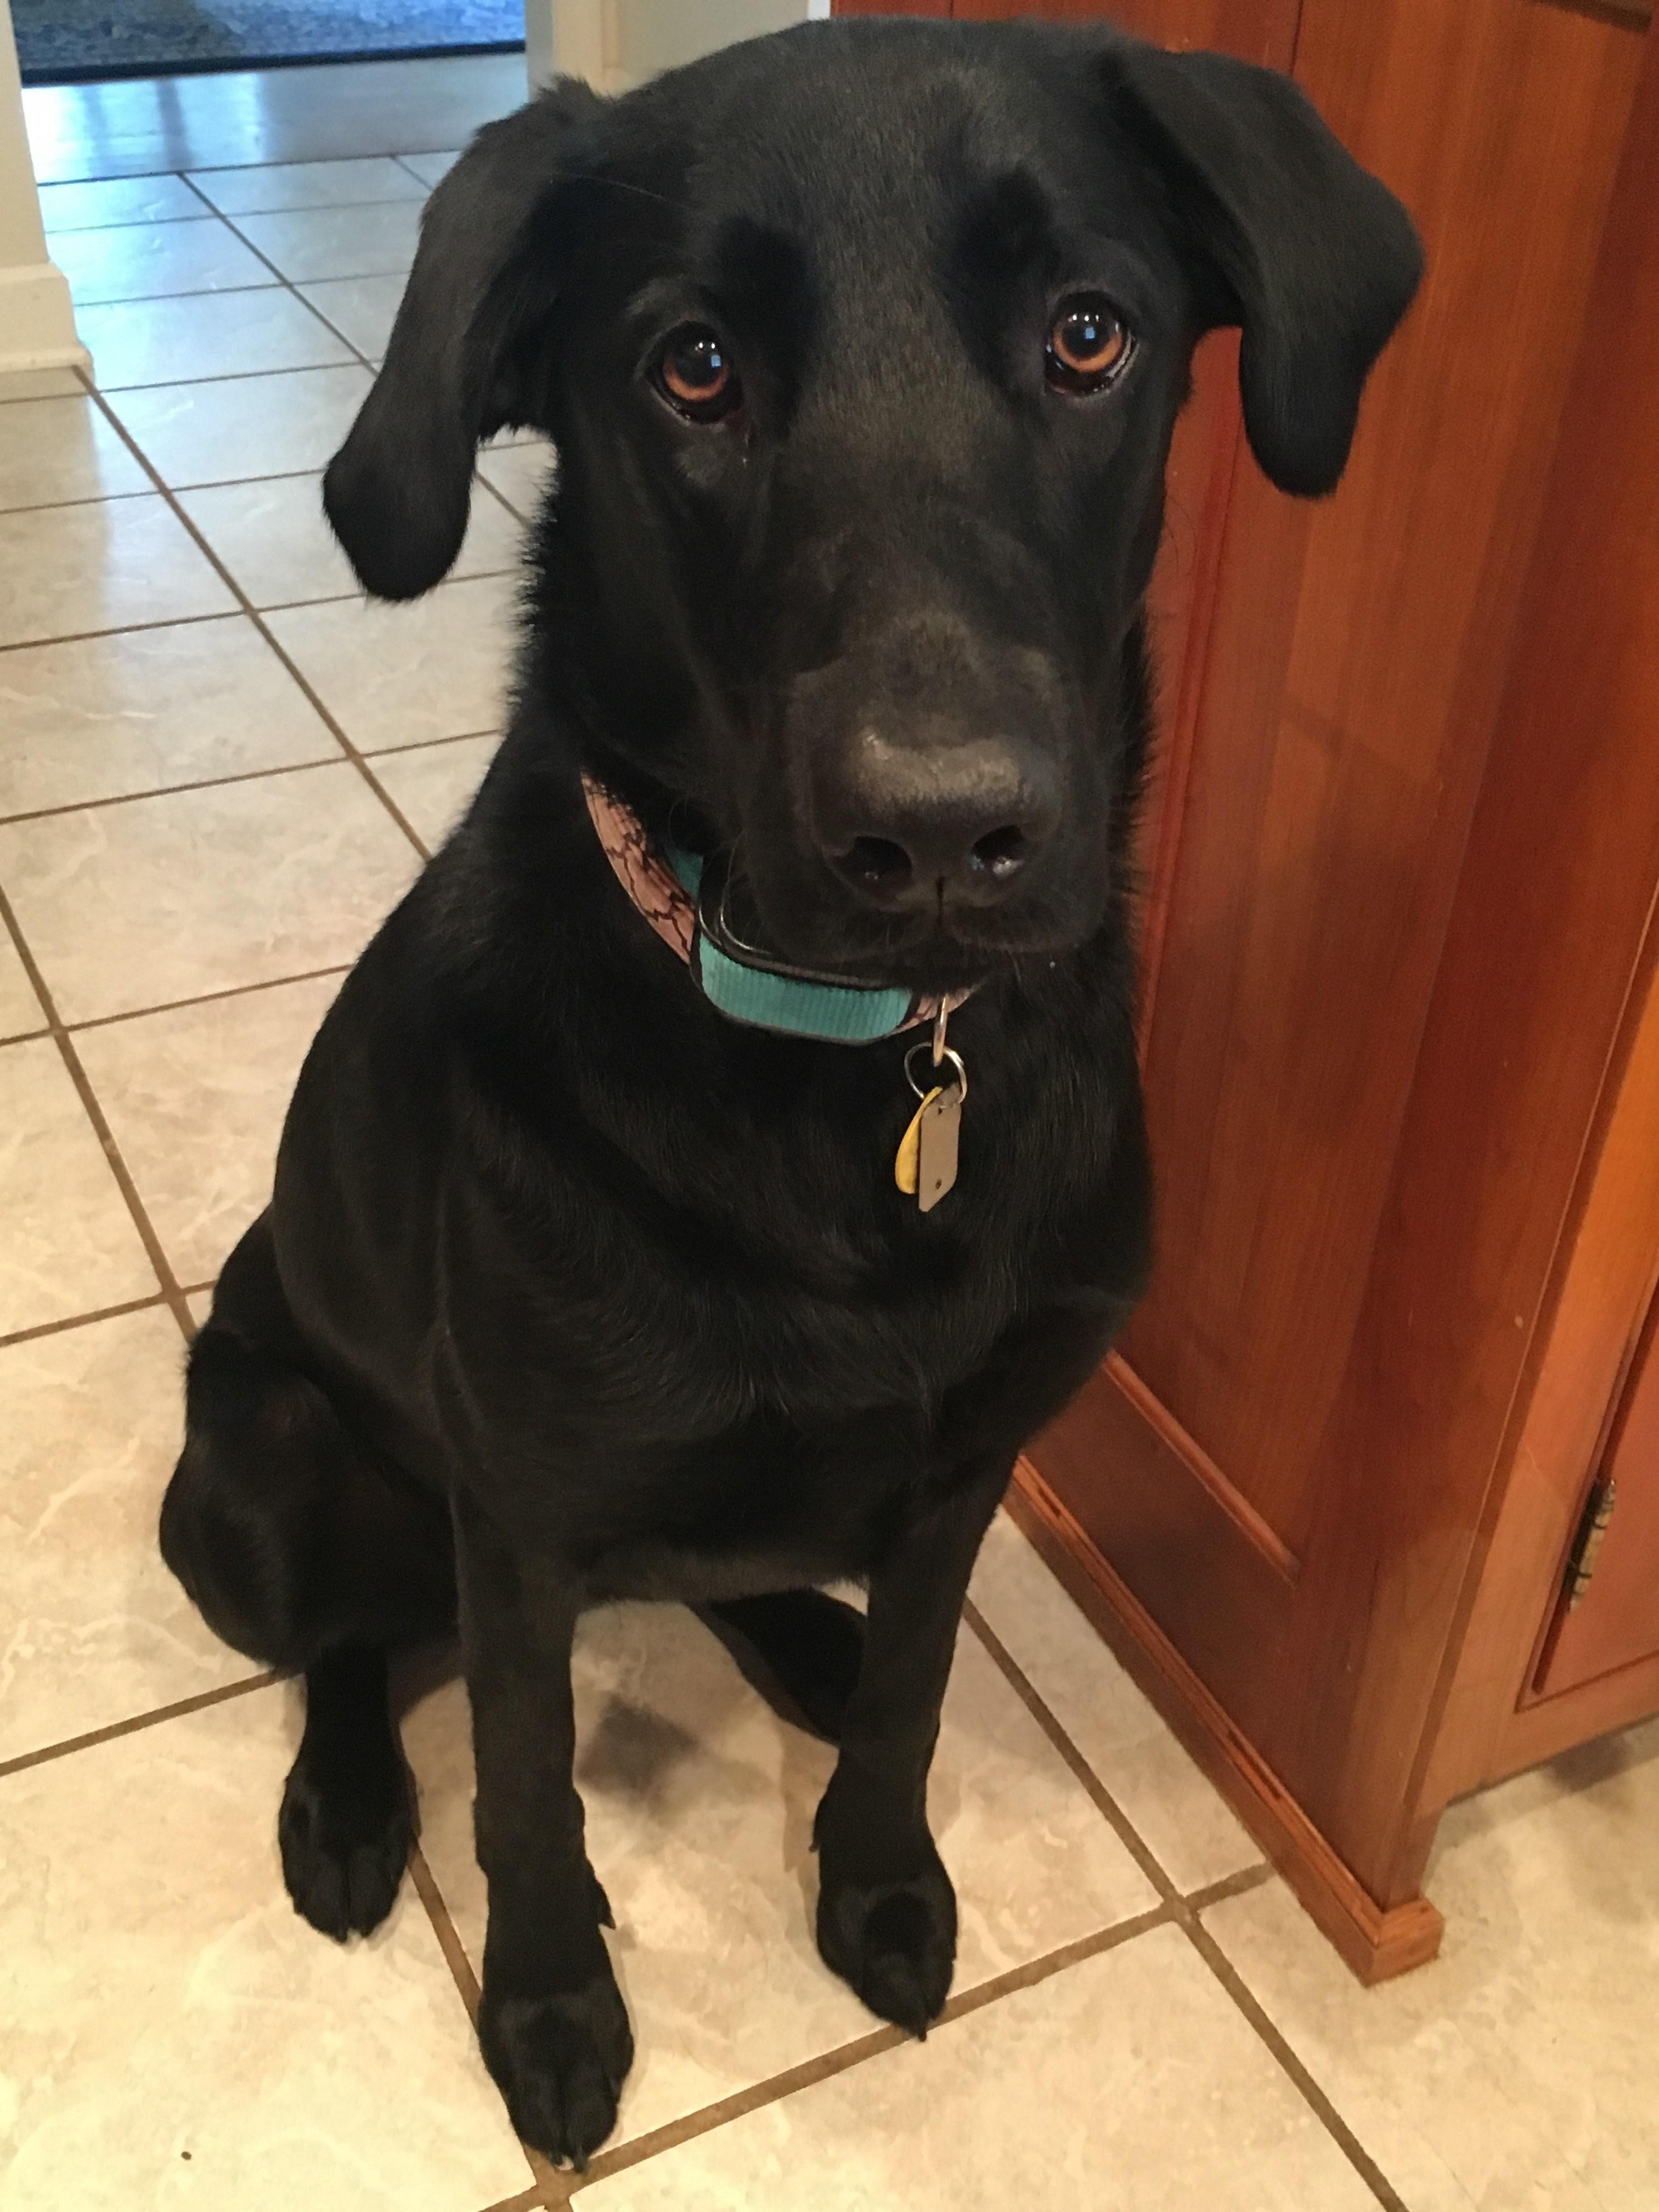 Miss Bentley's dog, Breezy